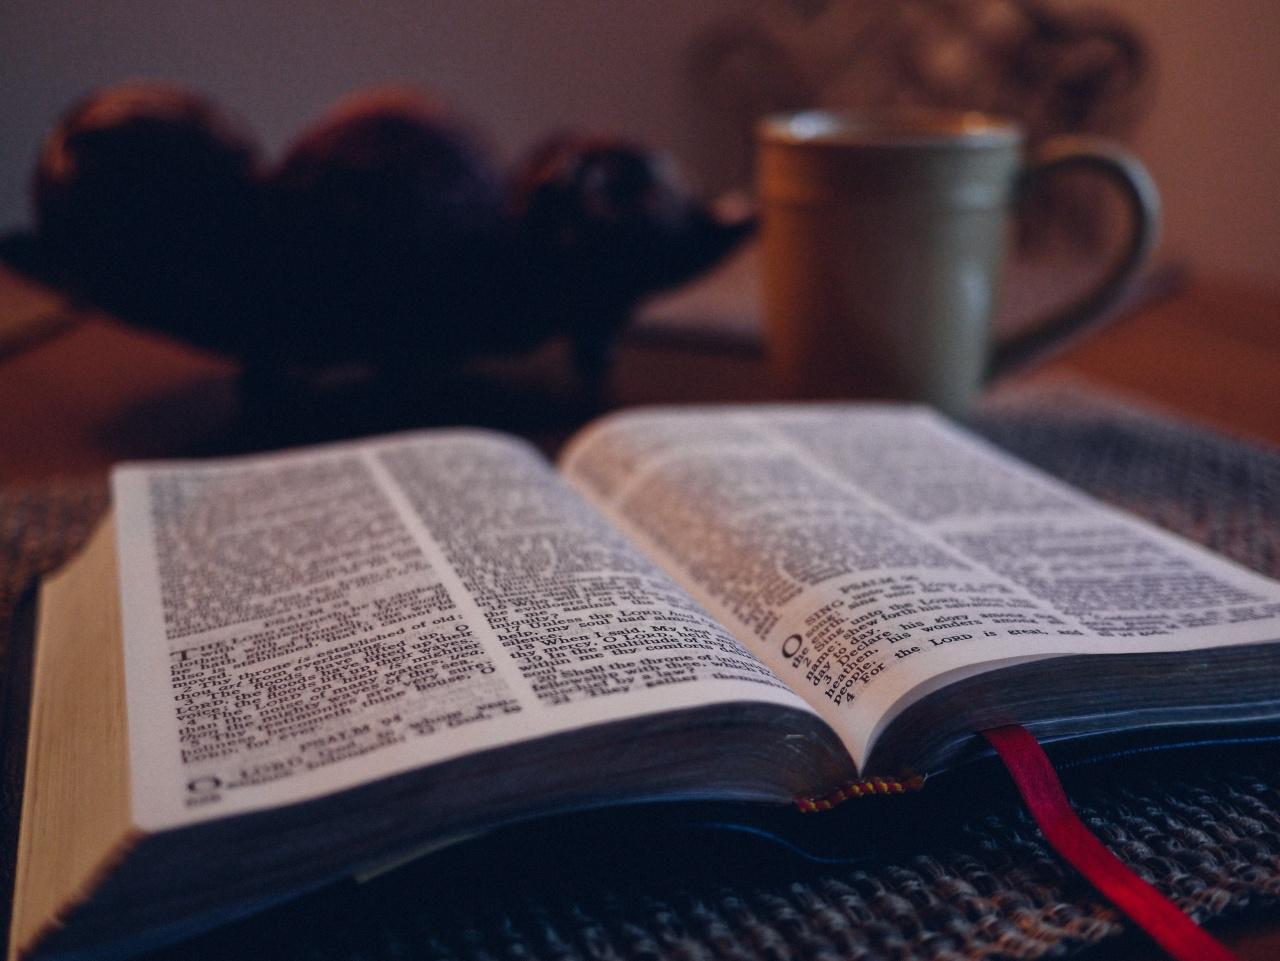 bible open